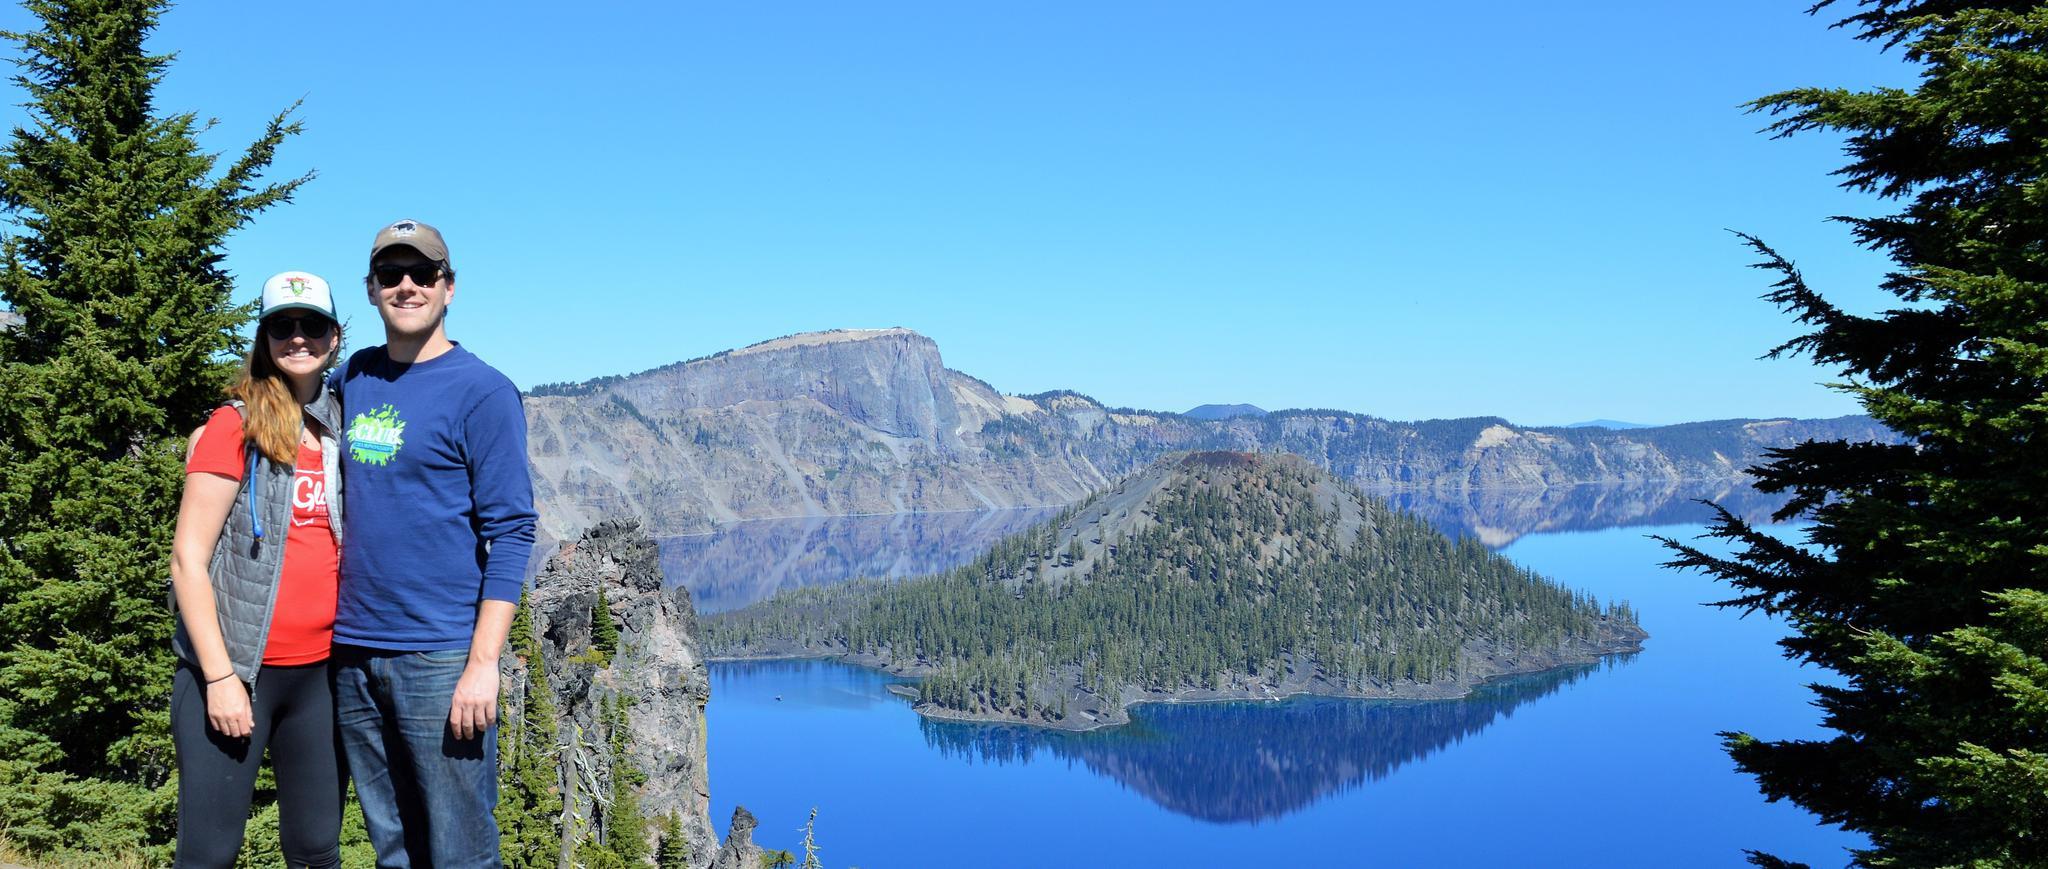 Crater Lake, Oregon 2016